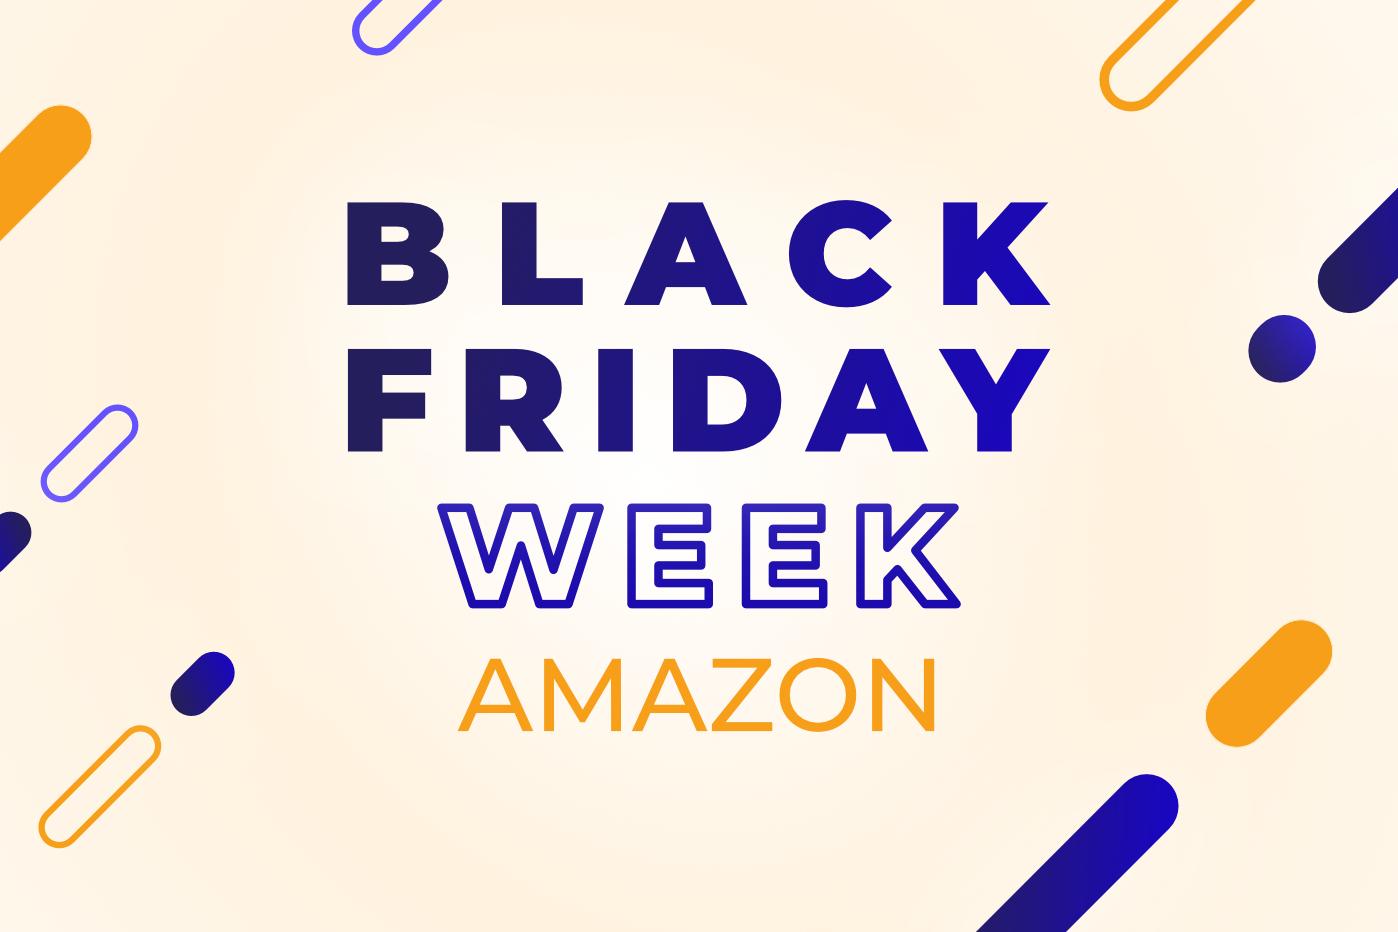 Black Friday chez Amazon : ce qu'il faut savoir et les 10 meilleures offres